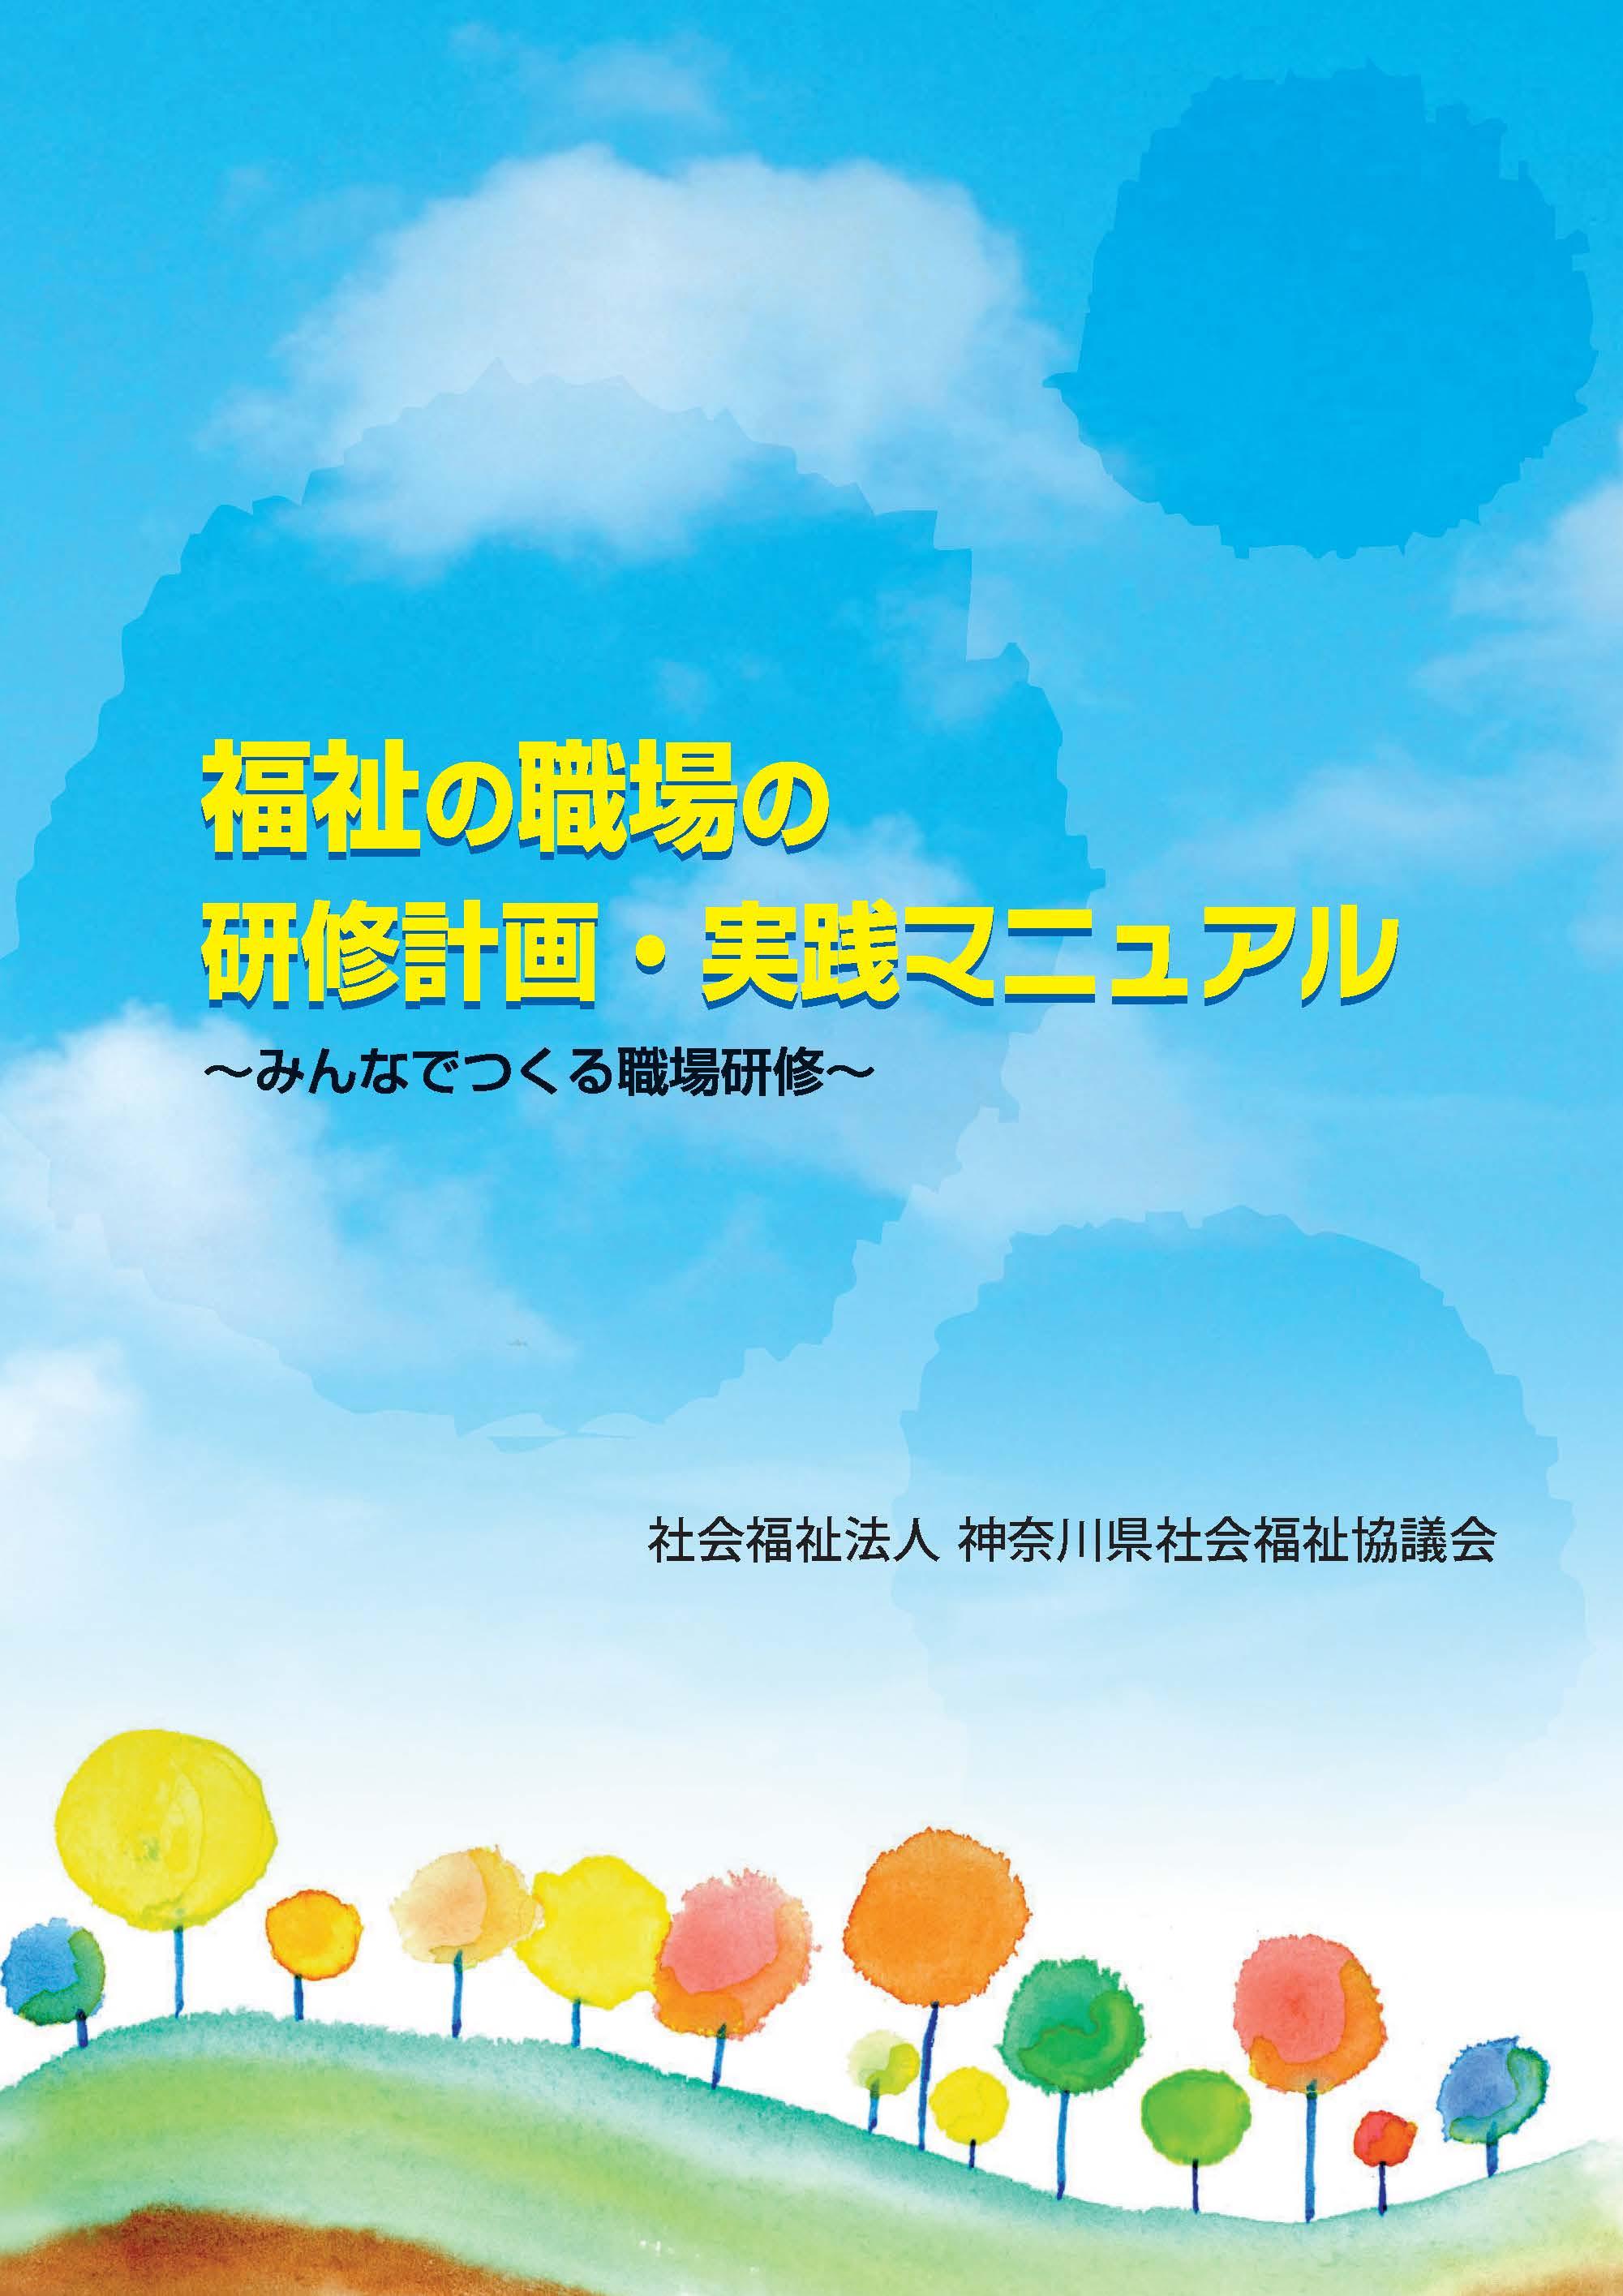 福祉の職場の研修計画・実践マニュアル(冊子表紙)